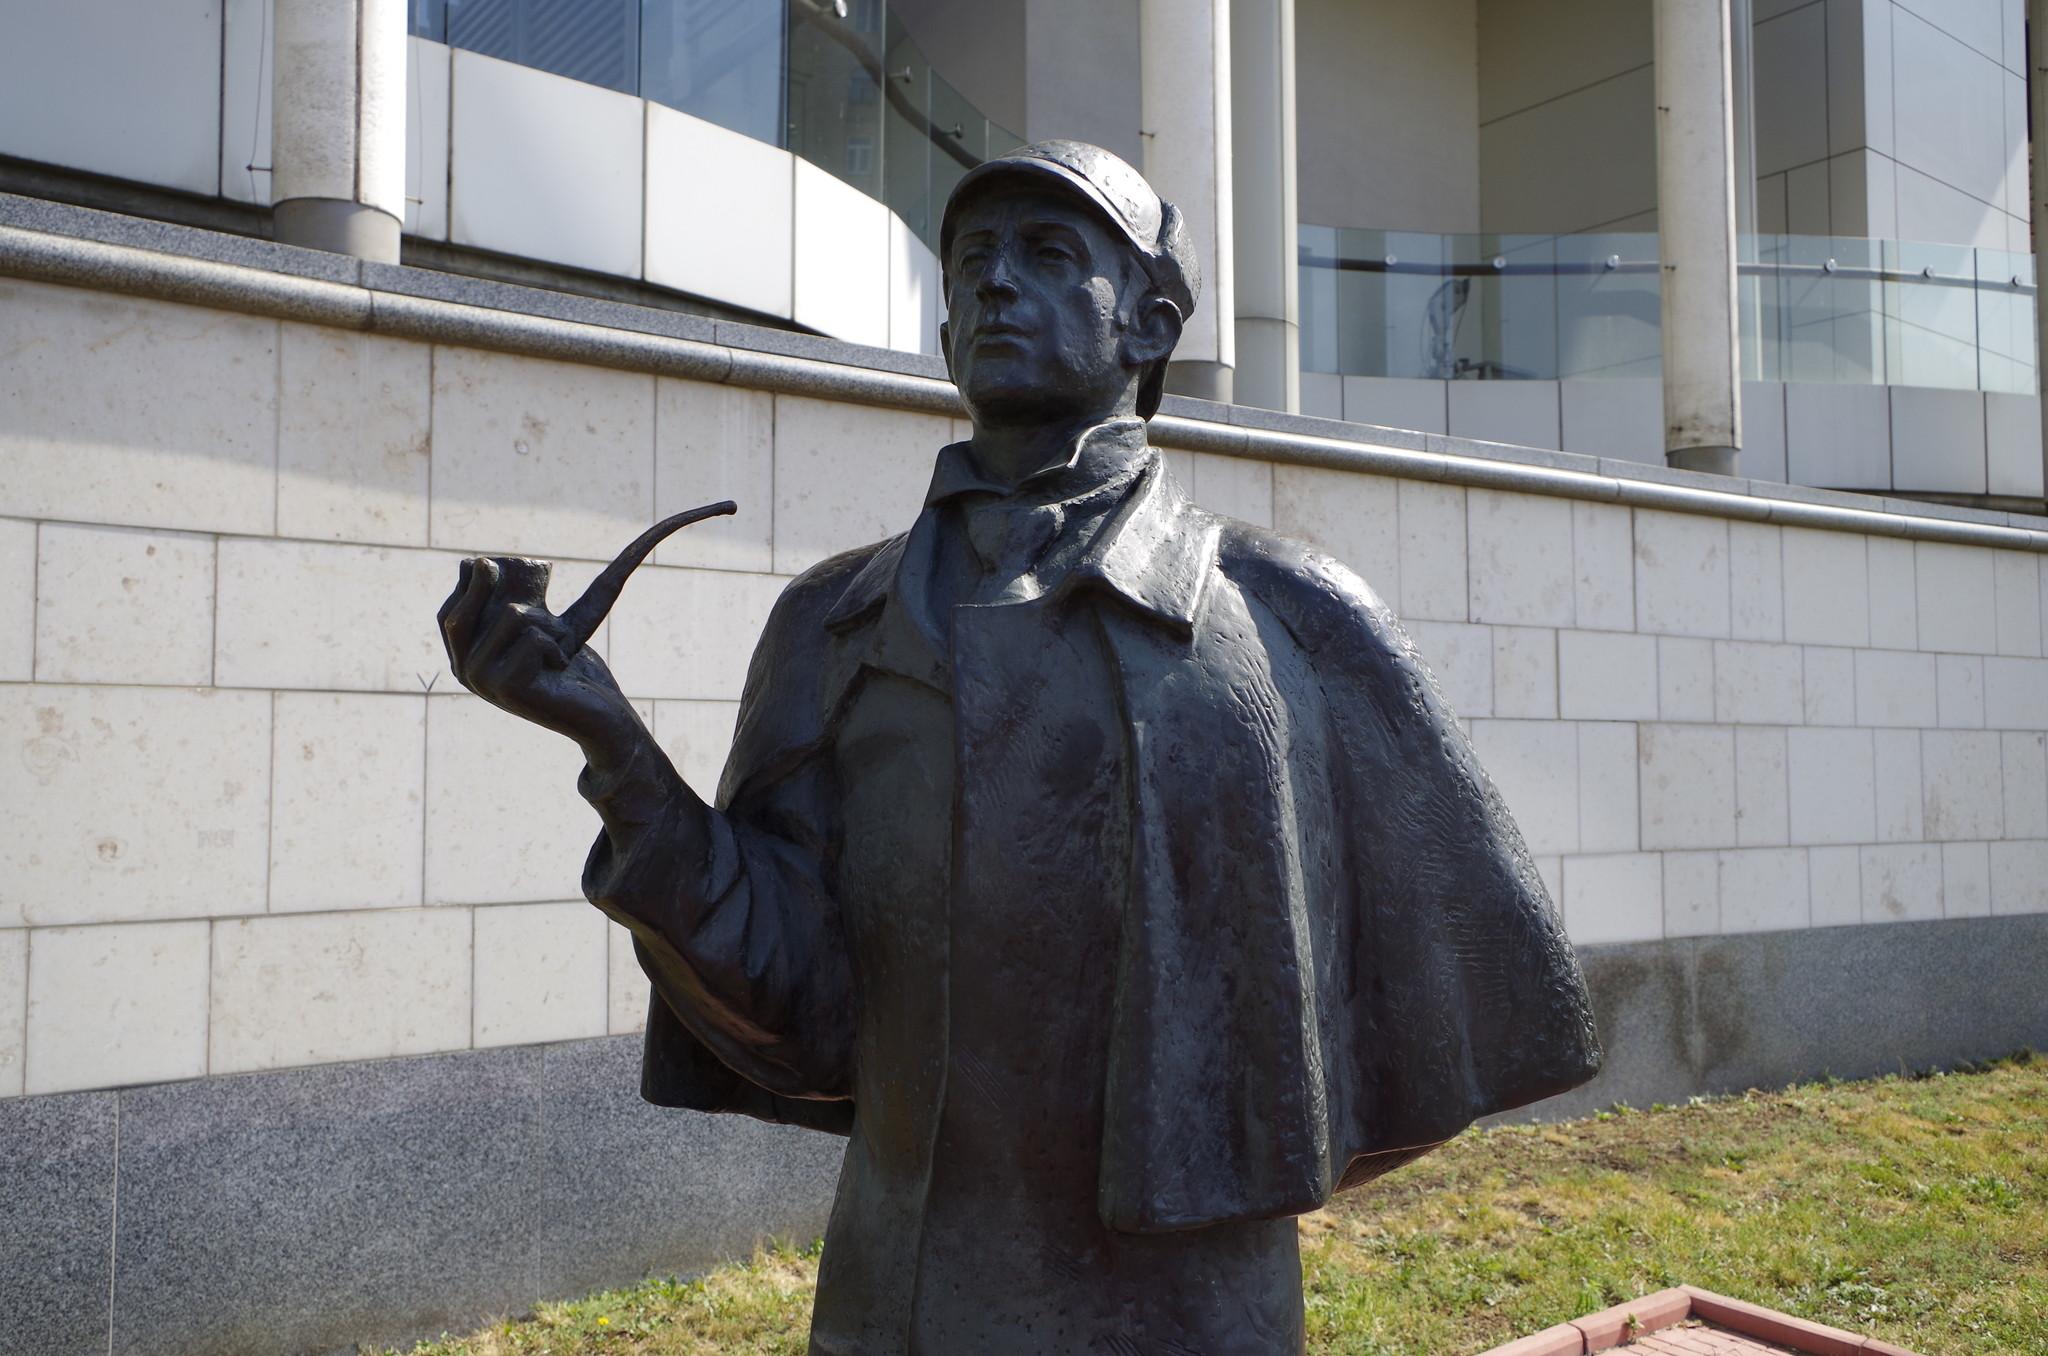 Москва, посольство Великобритании на Смоленской набережной: скульптурная композиция «Шерлок Холмс и доктор Ватсон»